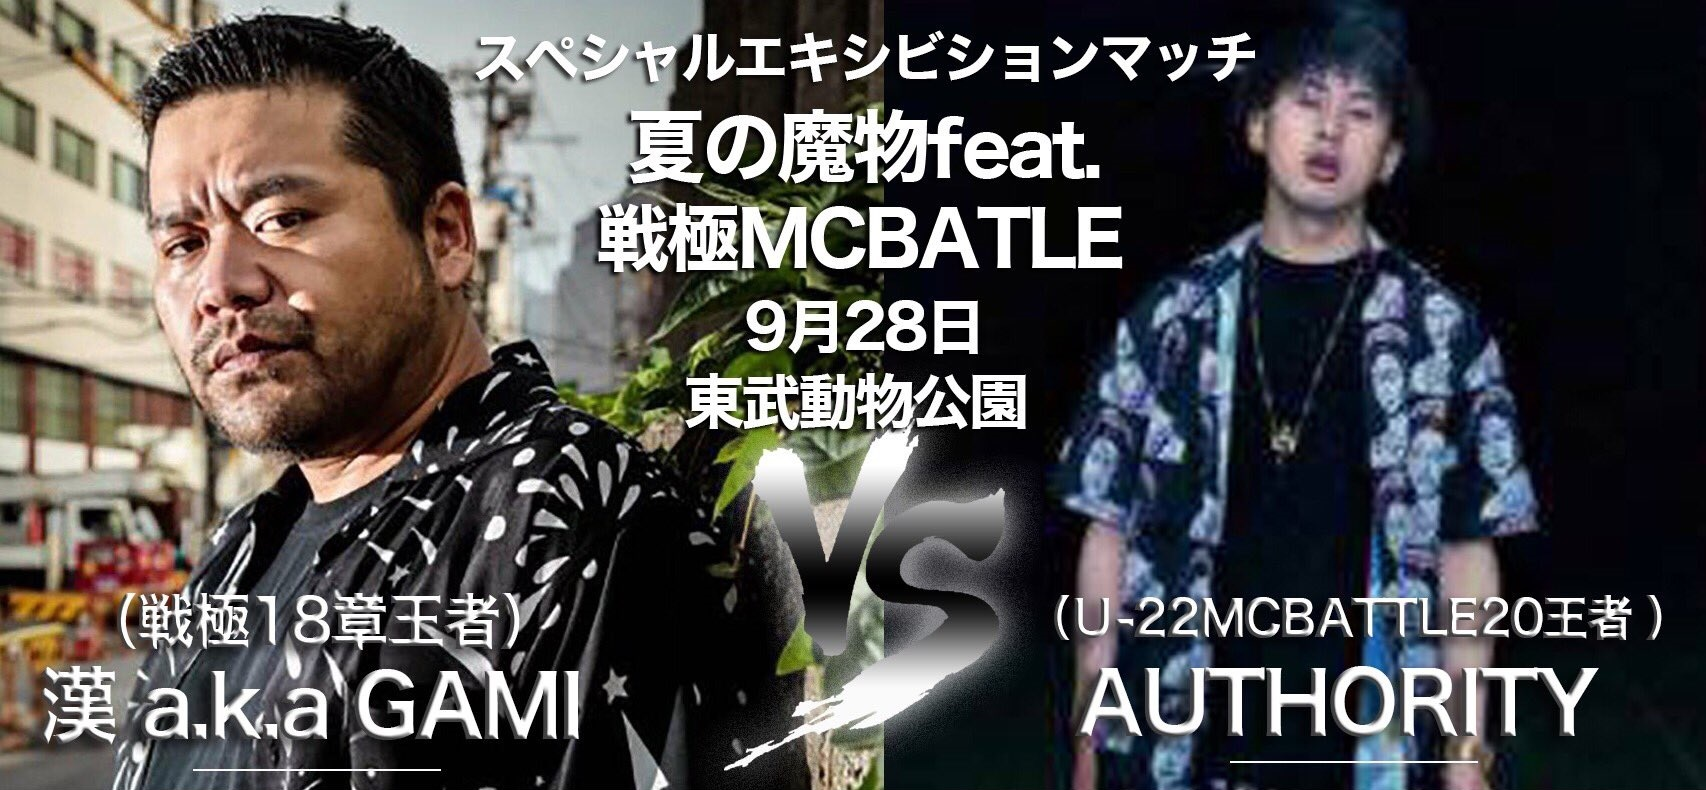 9/28 夏の魔物2019 in SAITAMA 2DAYS にて戦極MCBATTLE開催_e0246863_04001796.jpg